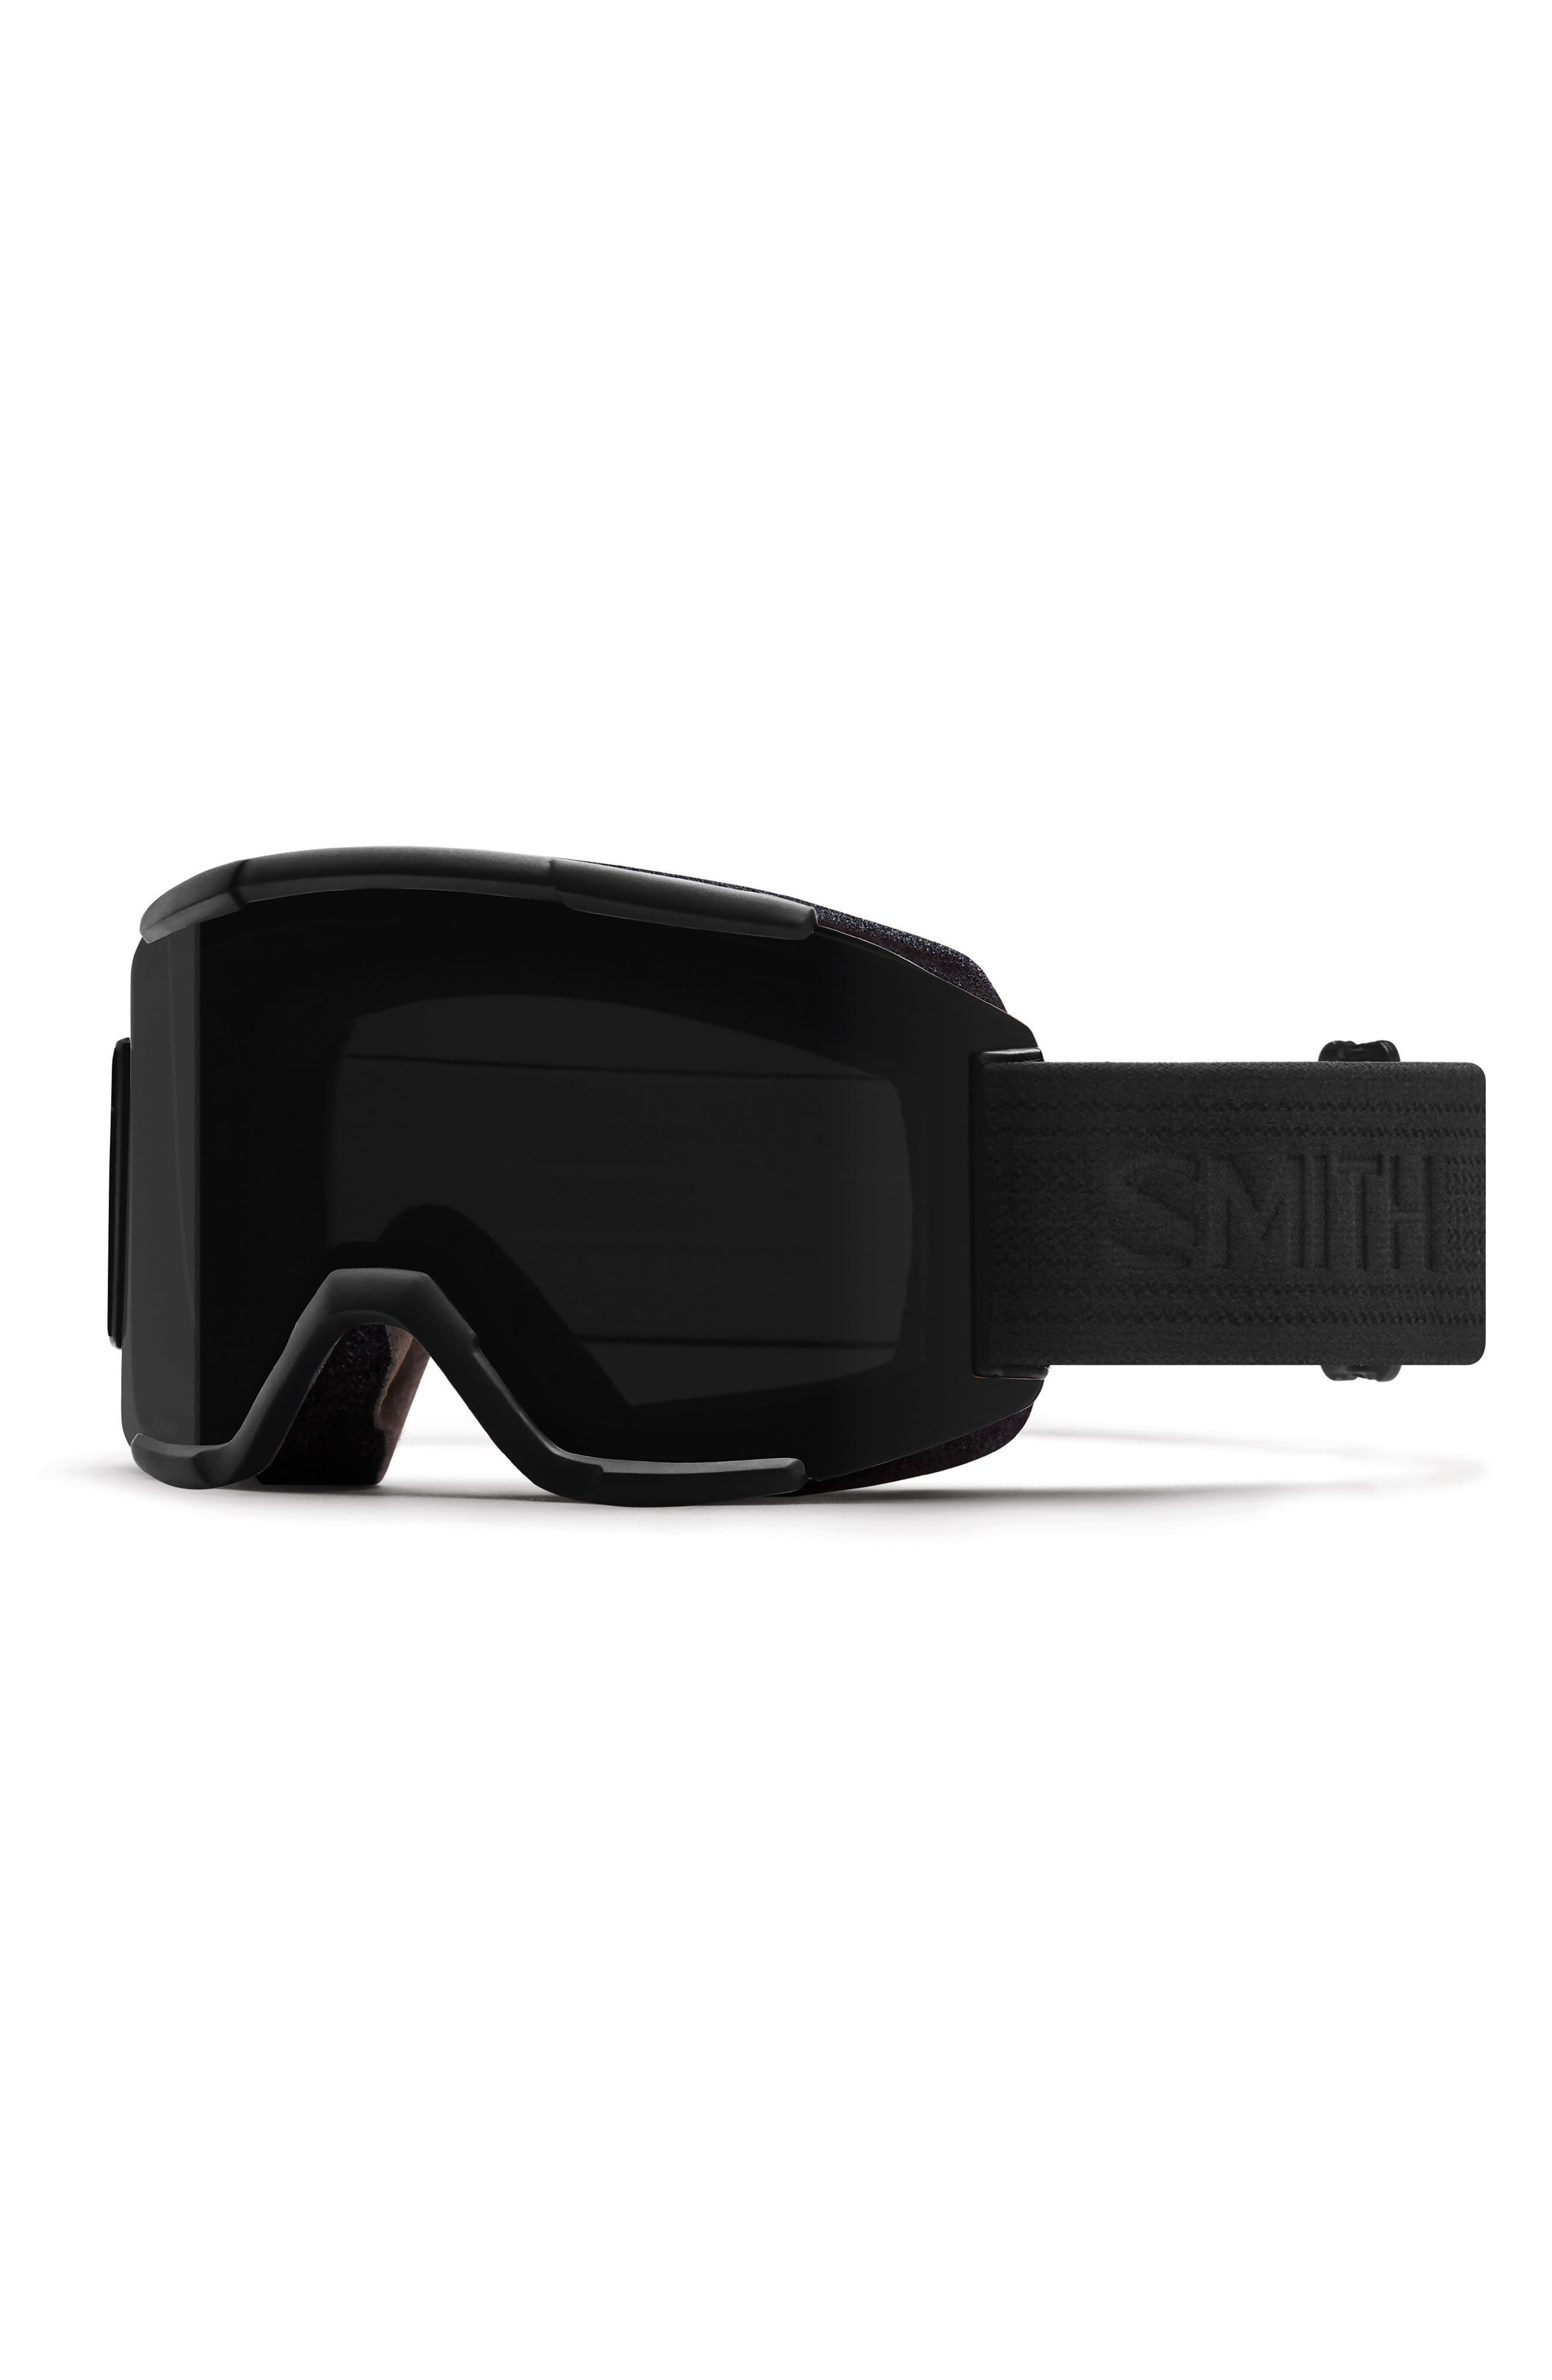 Squad Chromapop 180mm Snow Goggles,                         Main,                         color, 001